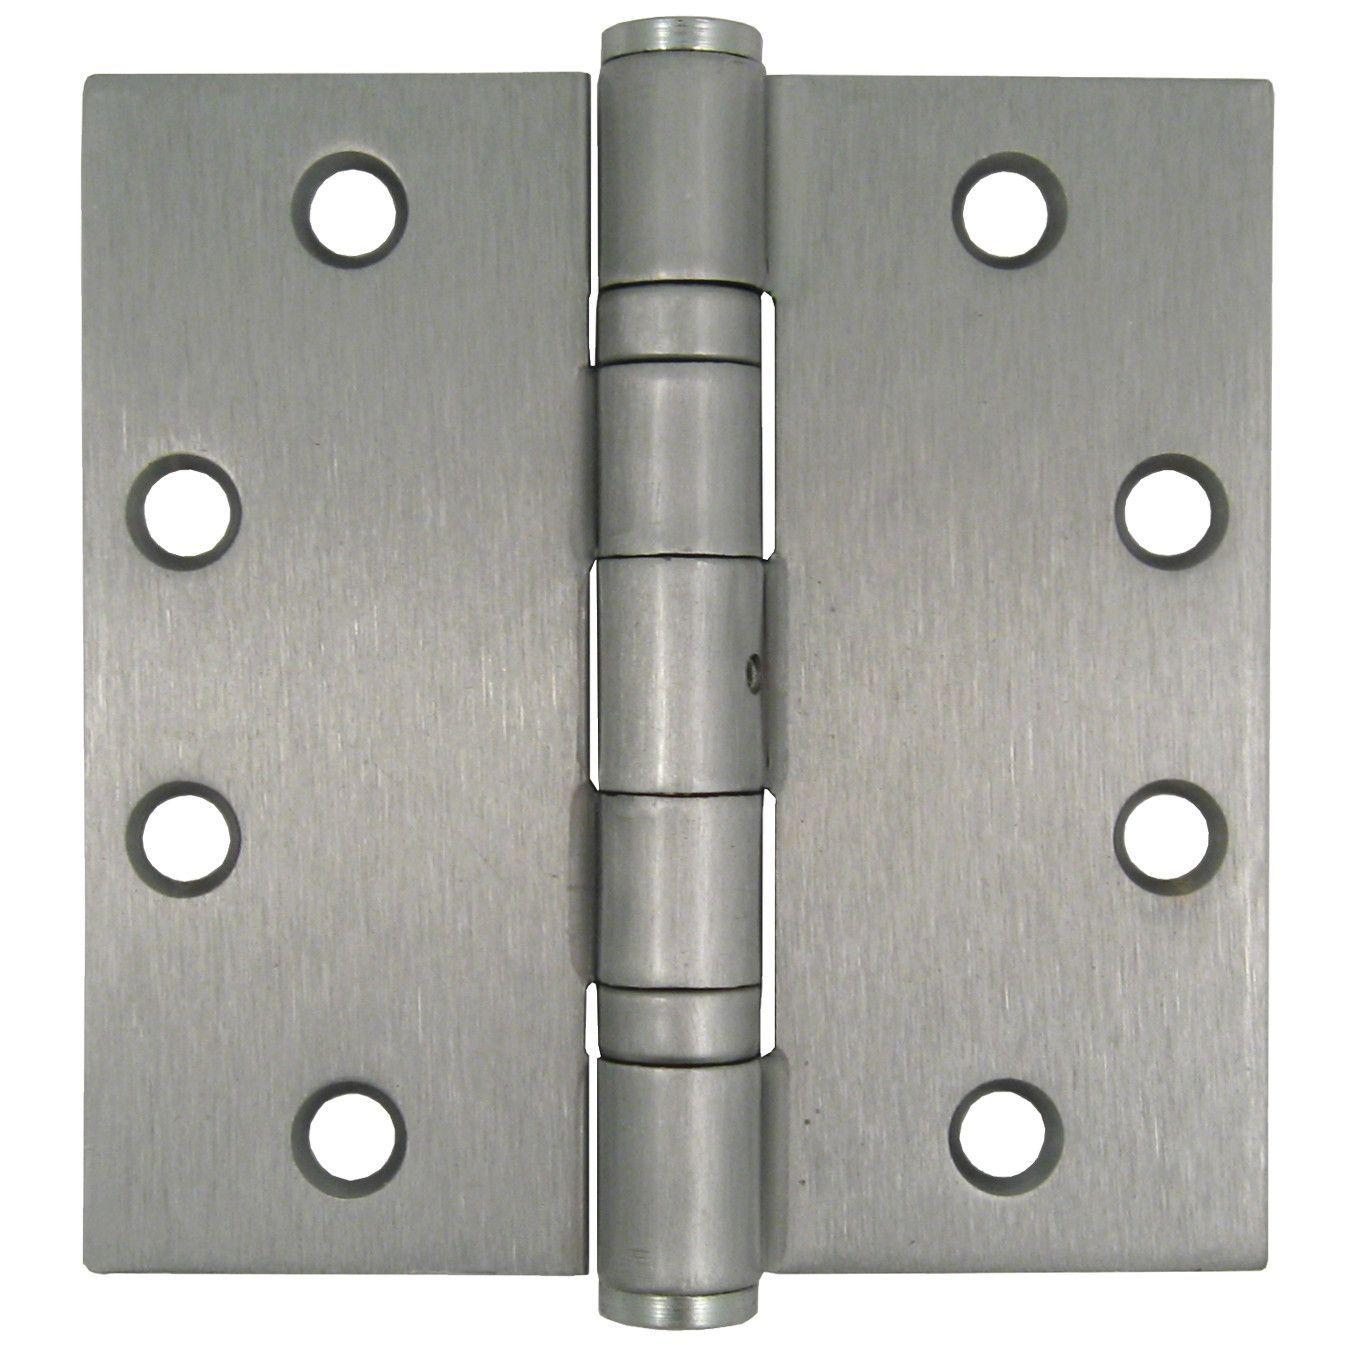 Heavy Duty Commercial Grade Hinge Door Hinges Stainless Steel Doors Steel Doors